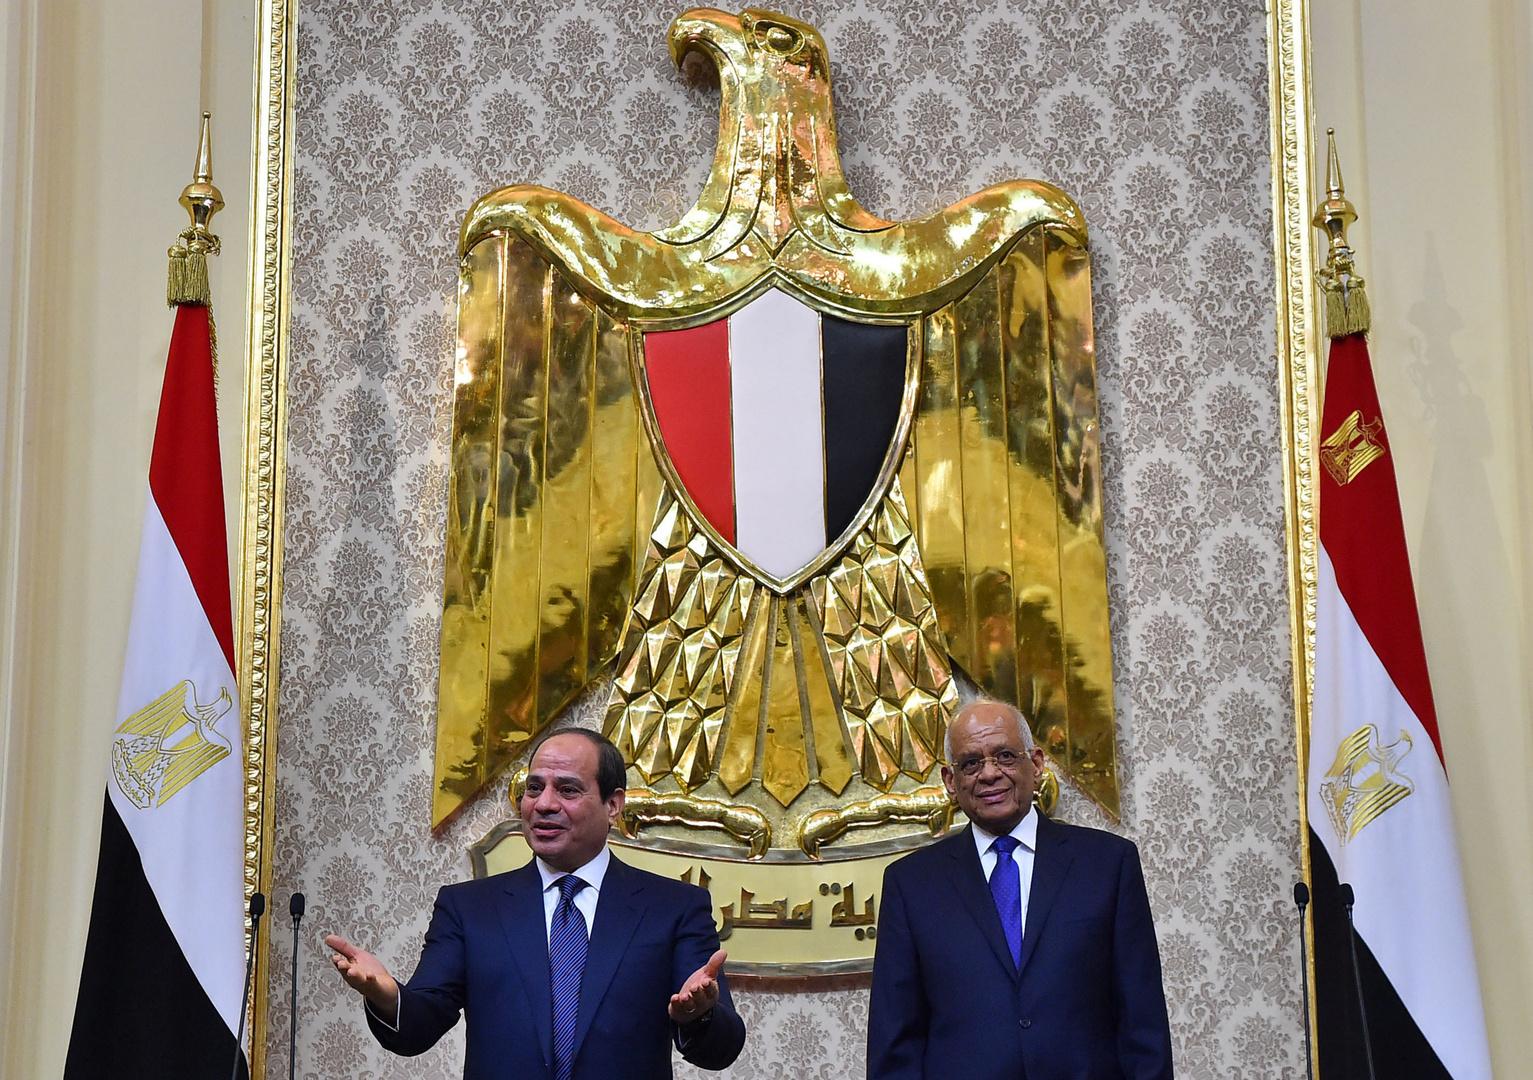 البرلمان المصري يعقد جلسة سرية بطلب من السيسي